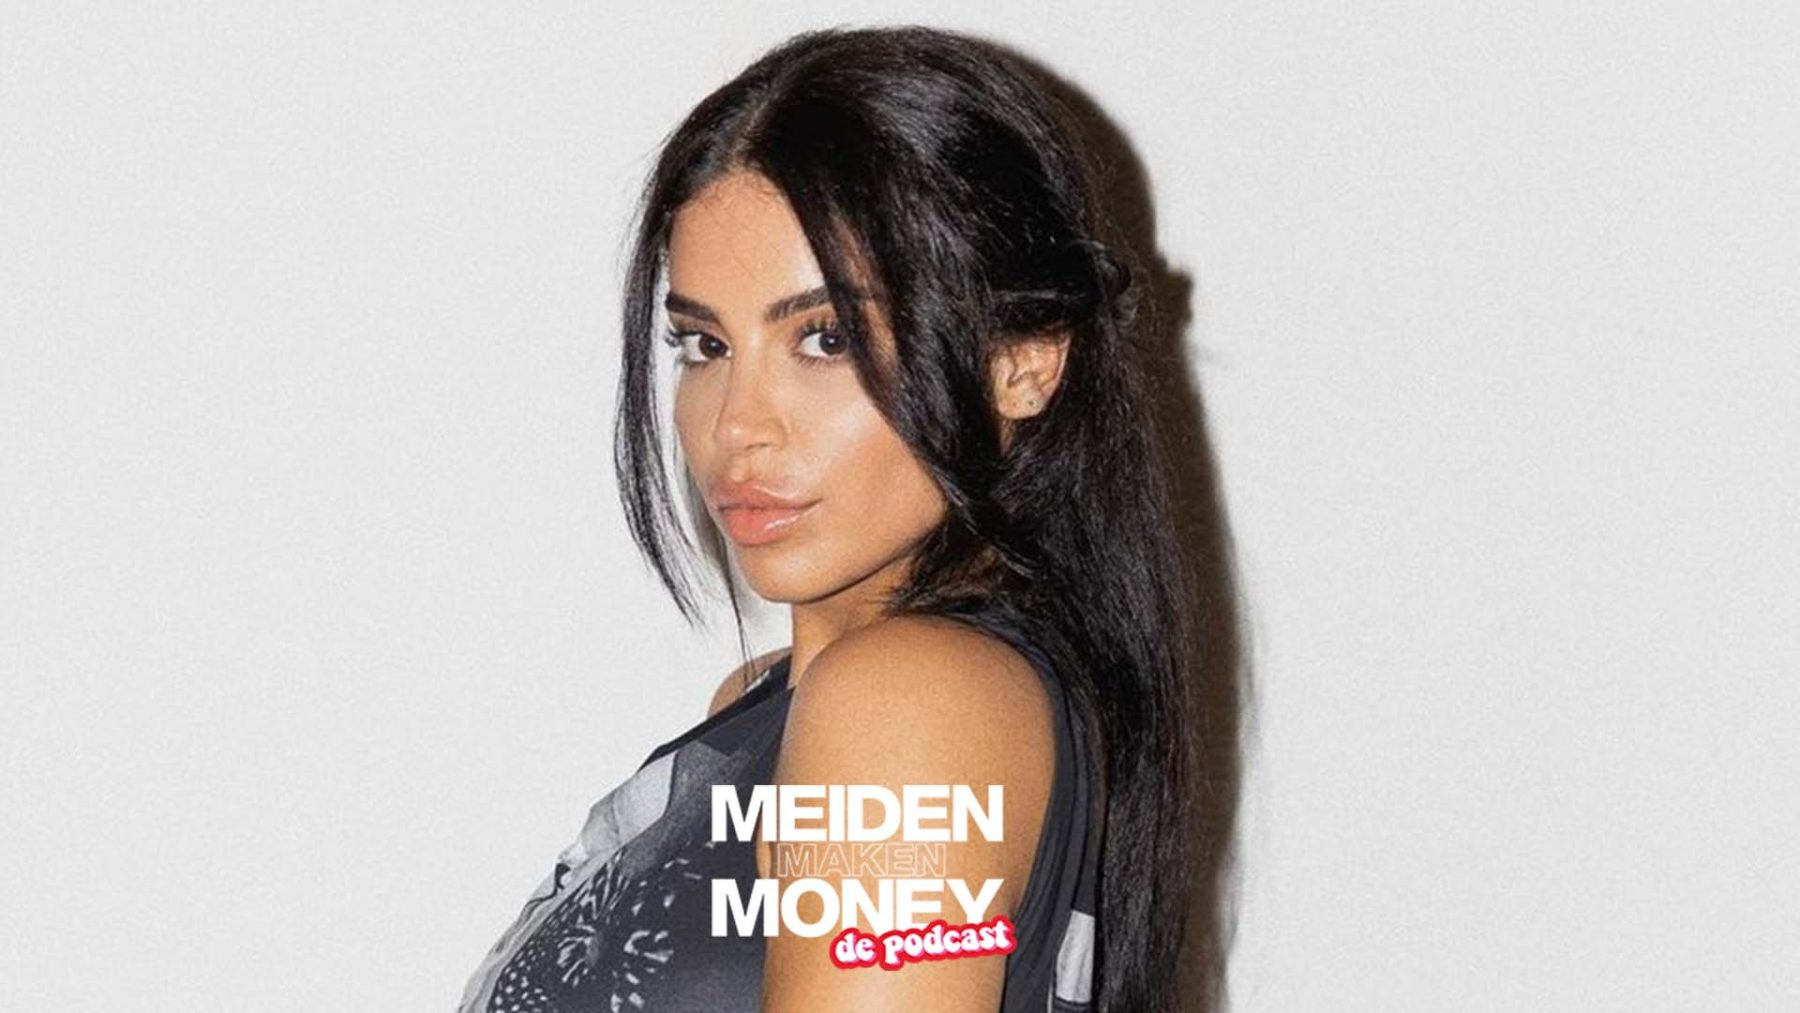 Meiden Maken Money Selma Omari